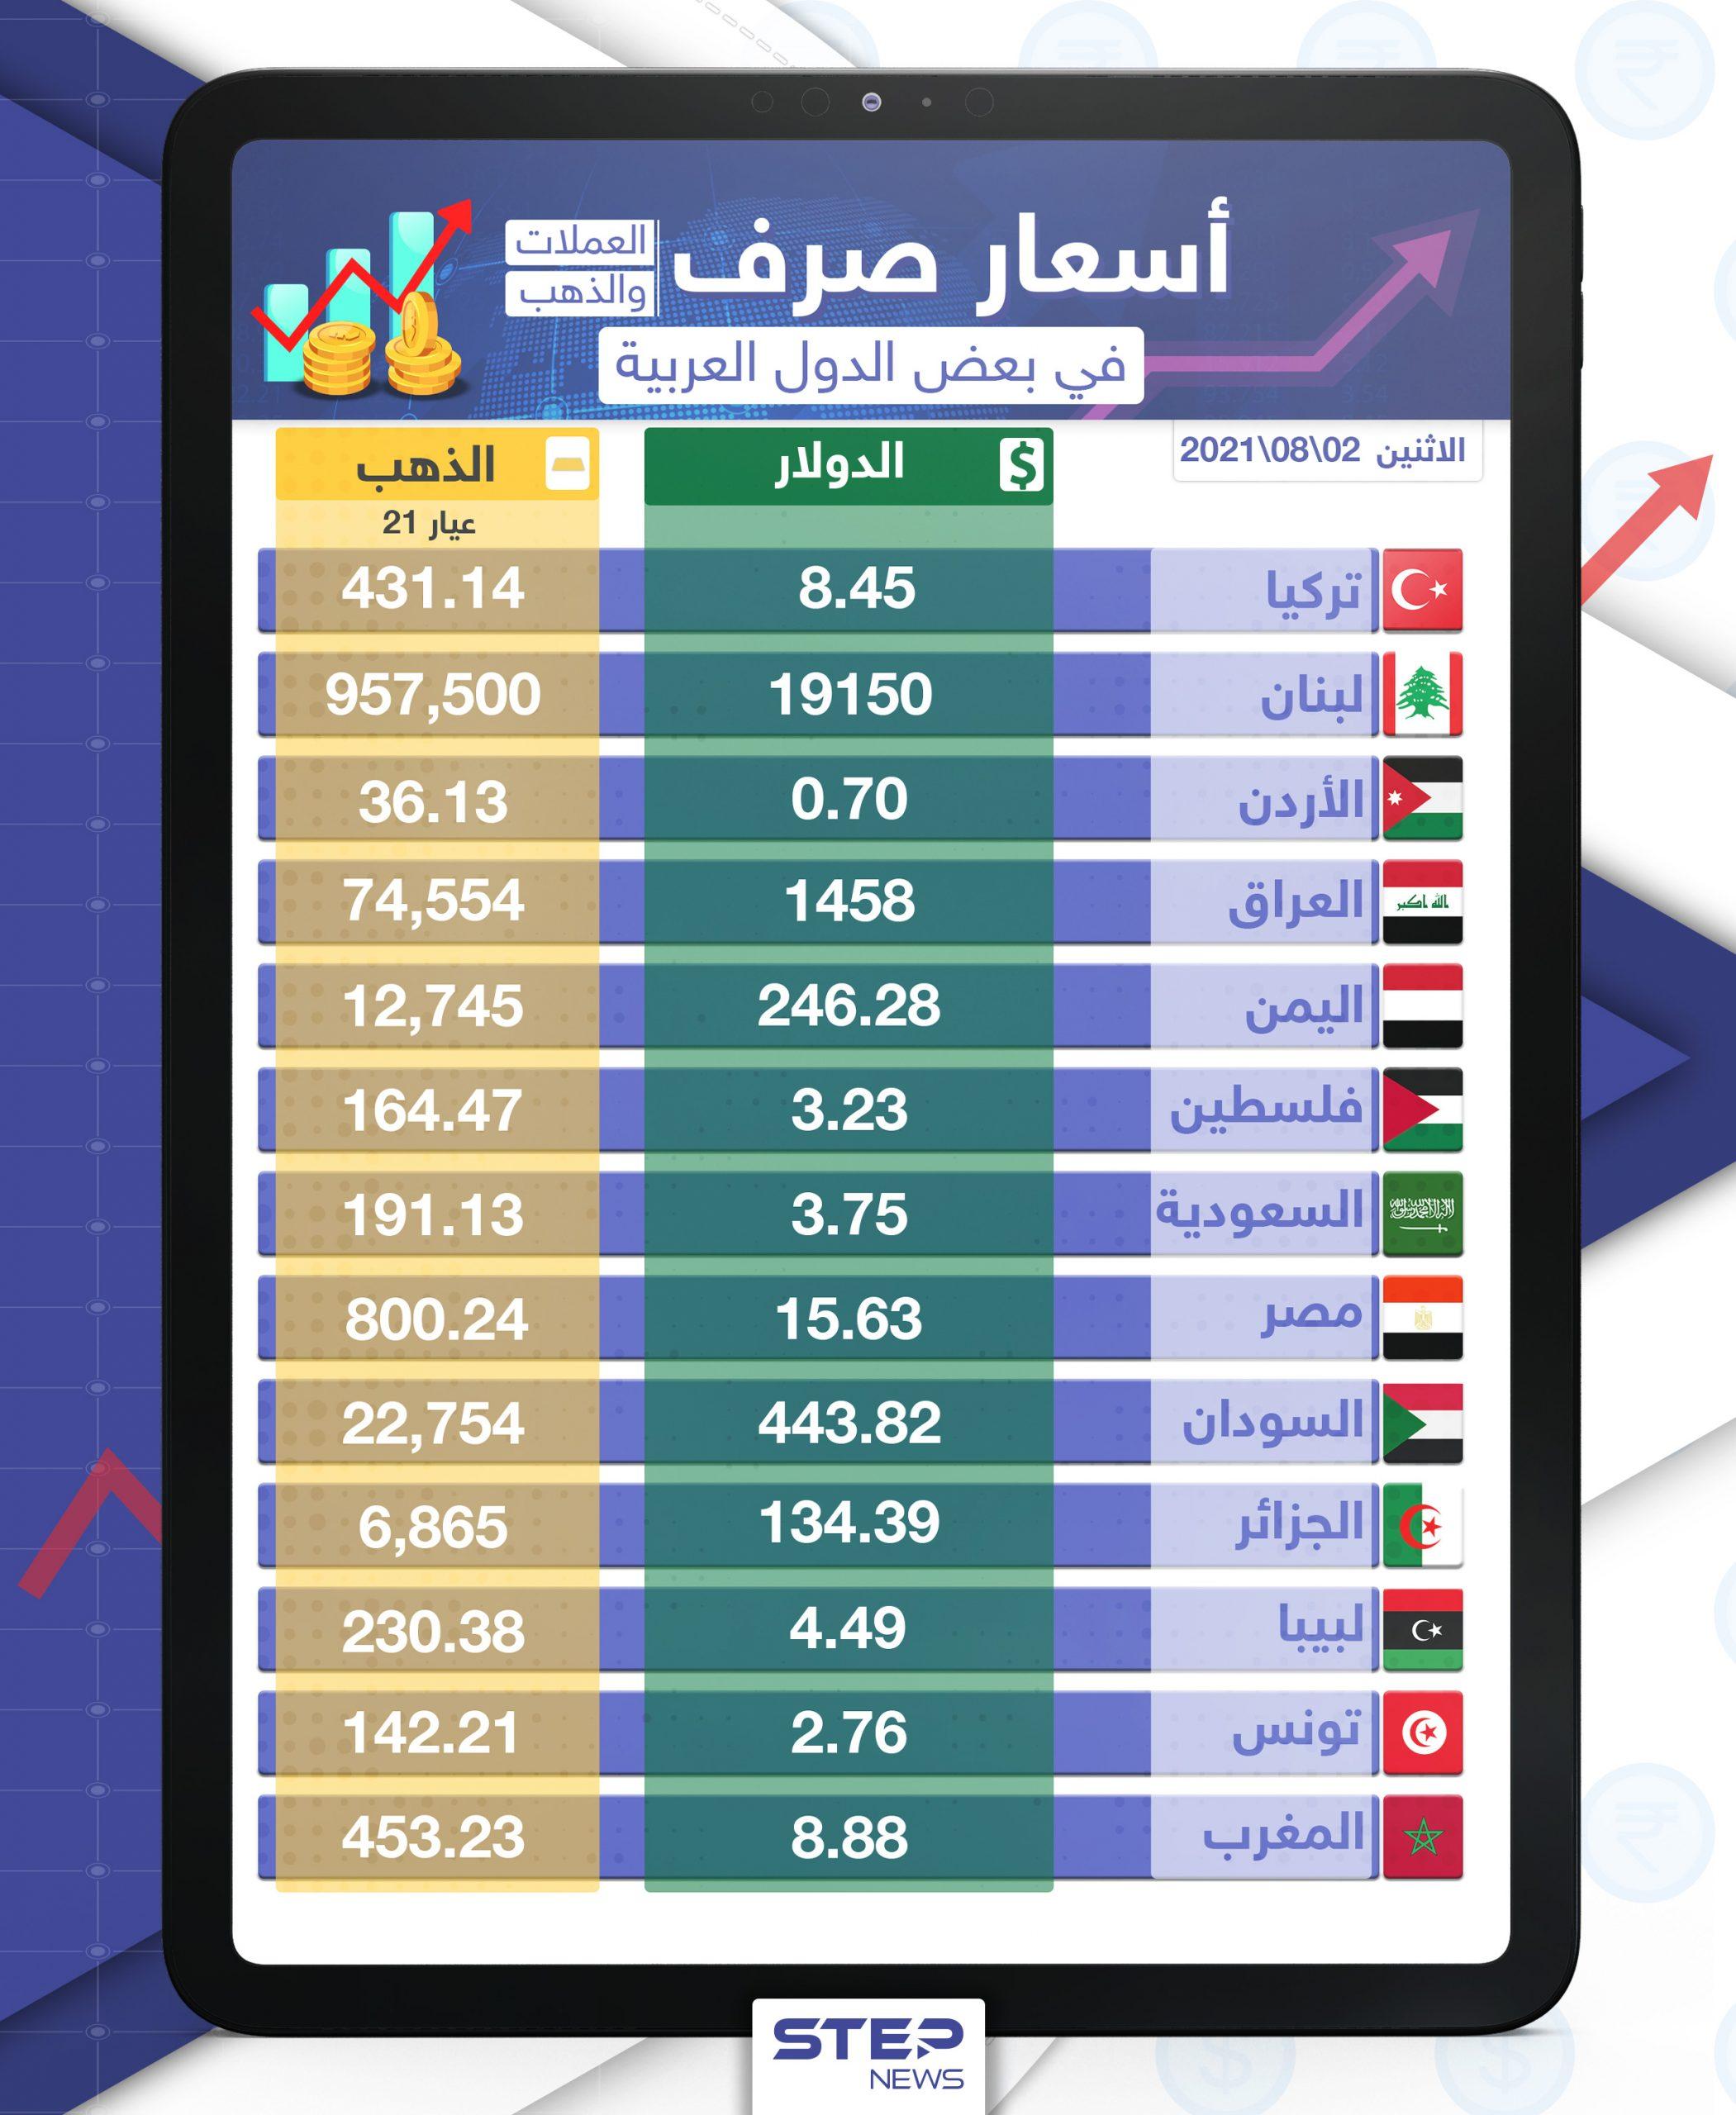 أسعار الذهب والعملات للدول العربية وتركيا اليوم الاثنين الموافق 02 آب 2021